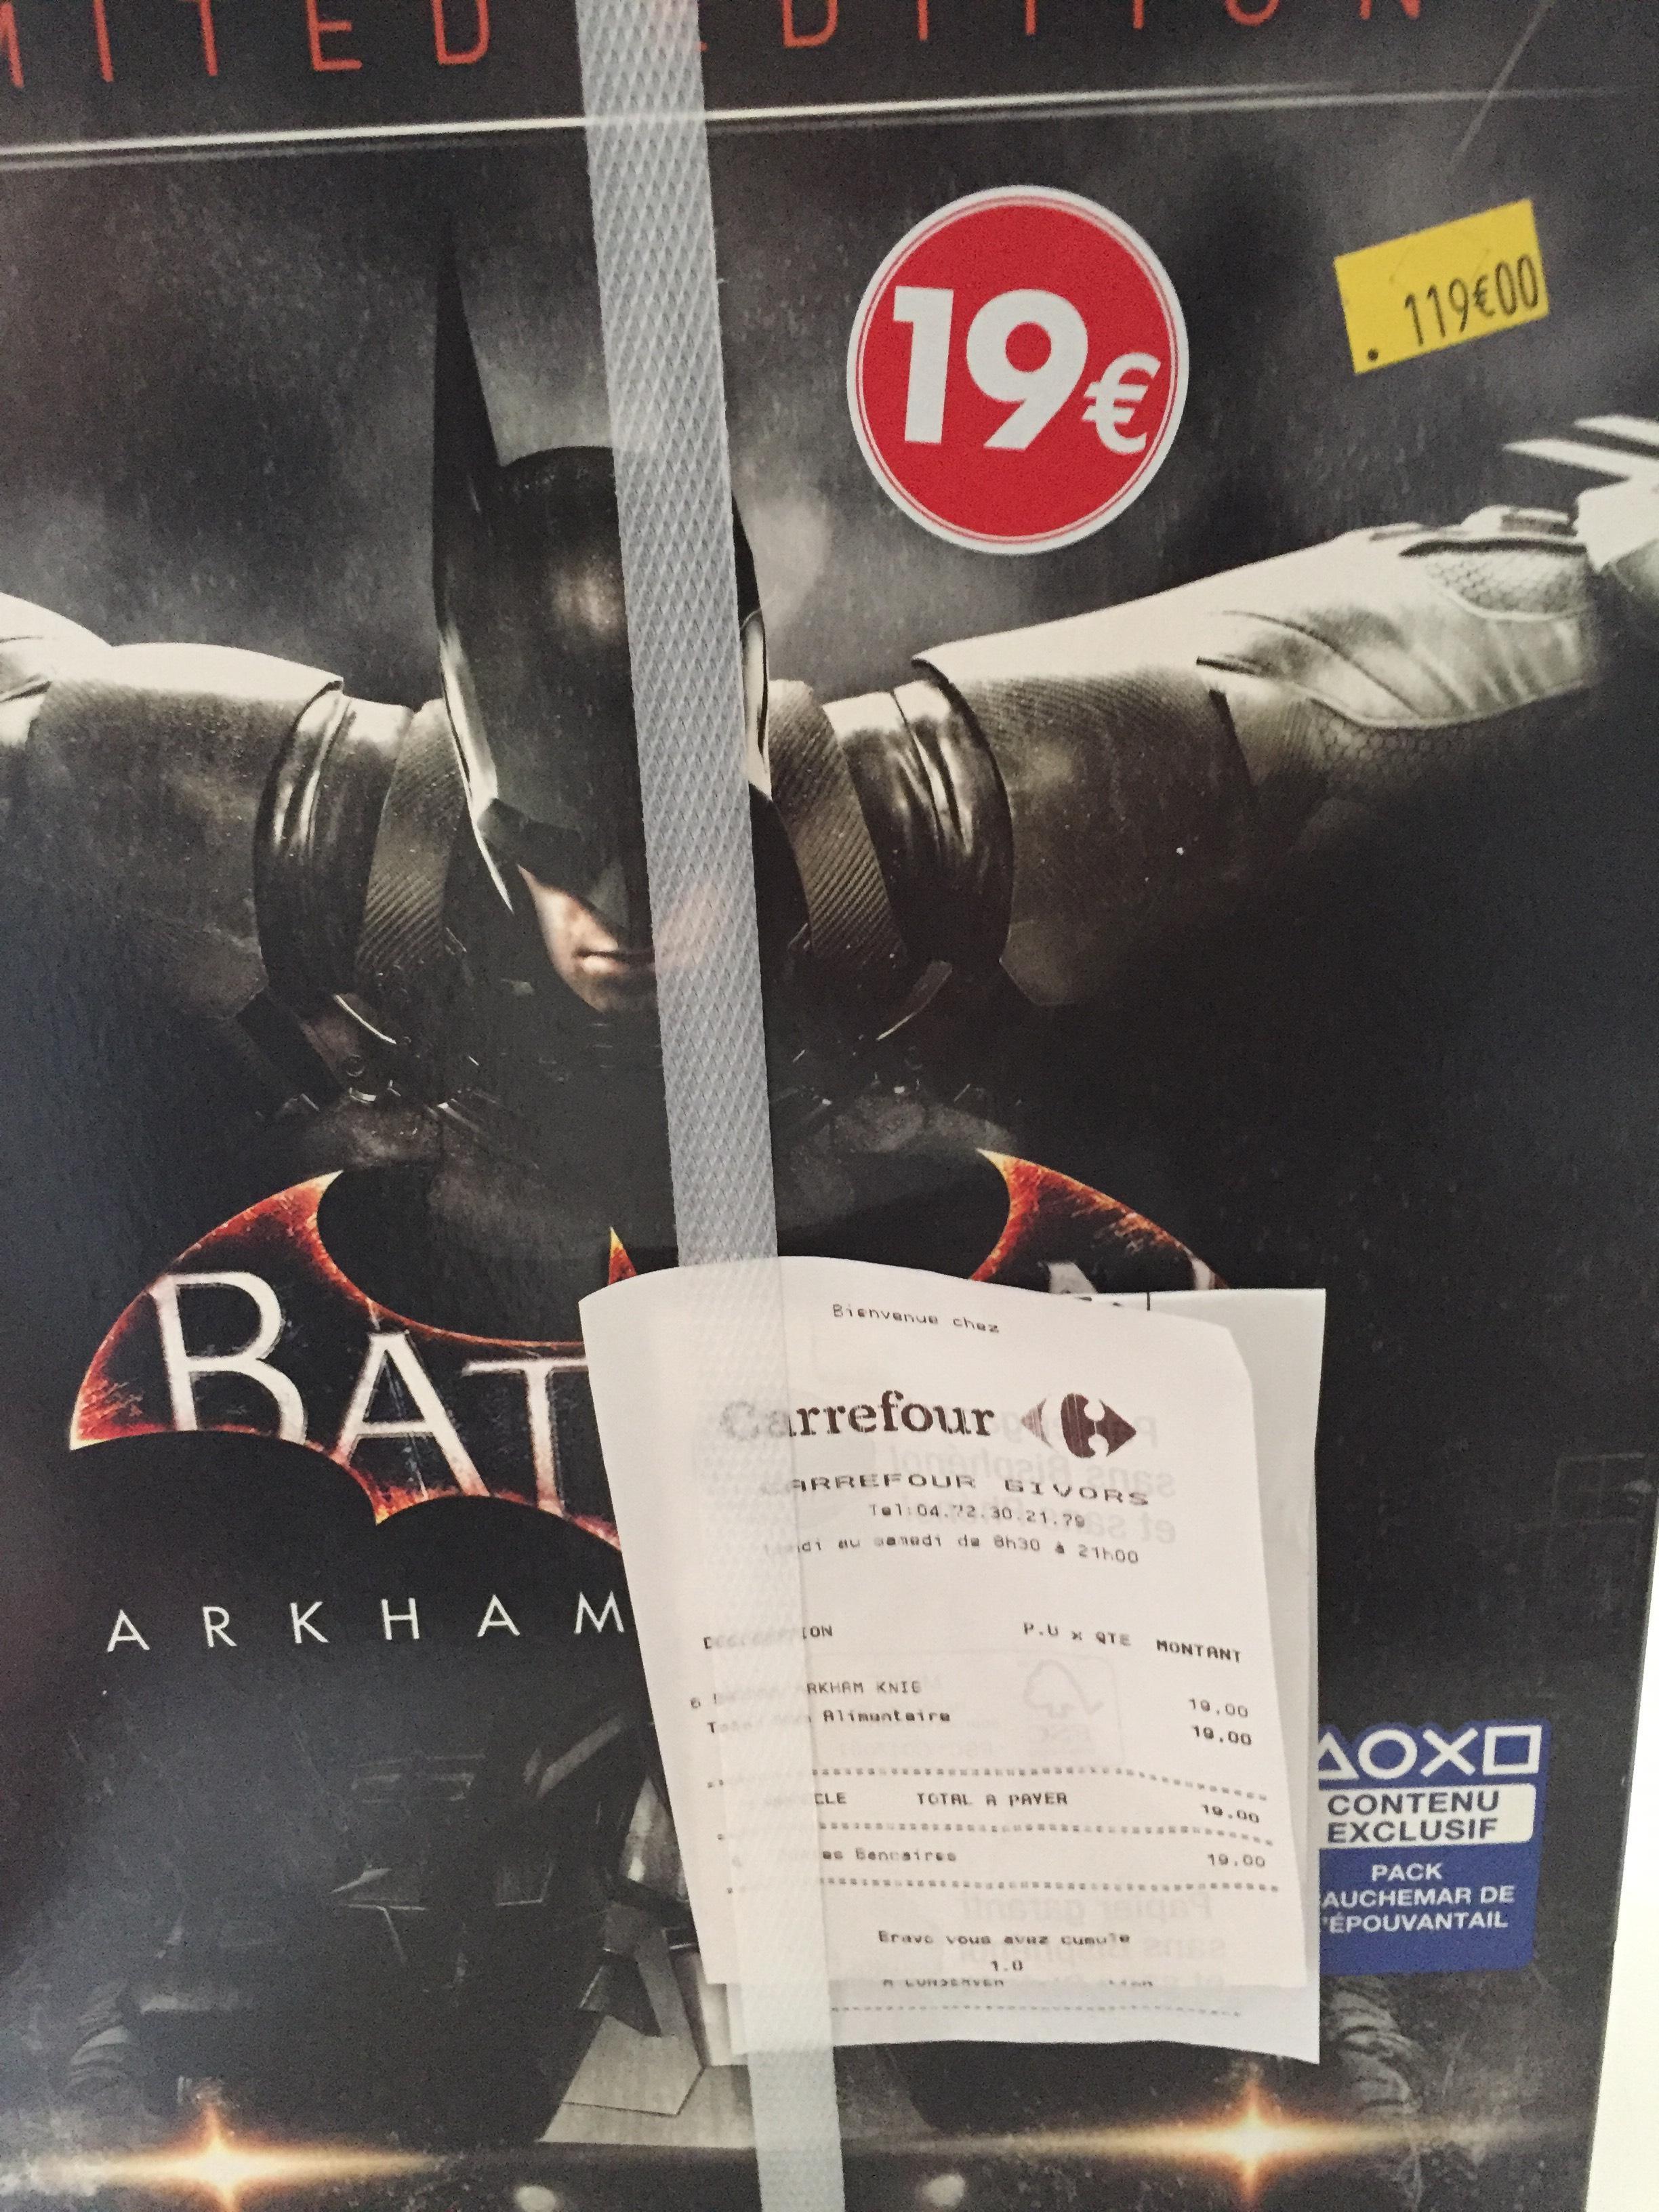 Jeu Batman arkham knight sur PS4 - Limited edition